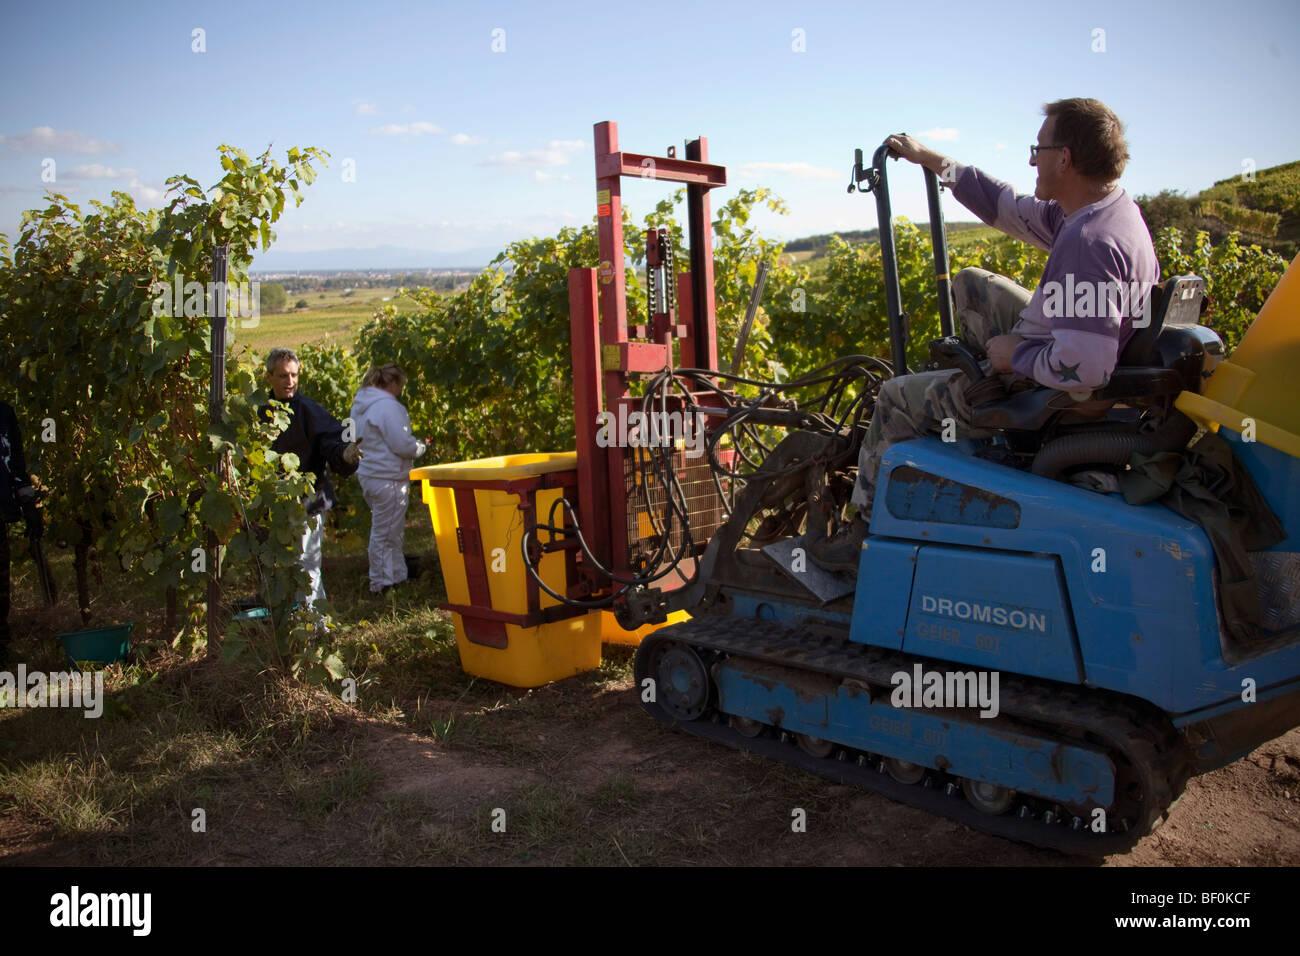 Vendanges la récolte de raisins Alsace tracteur le long de la route des vins, les villages de l'automne, Photo Stock